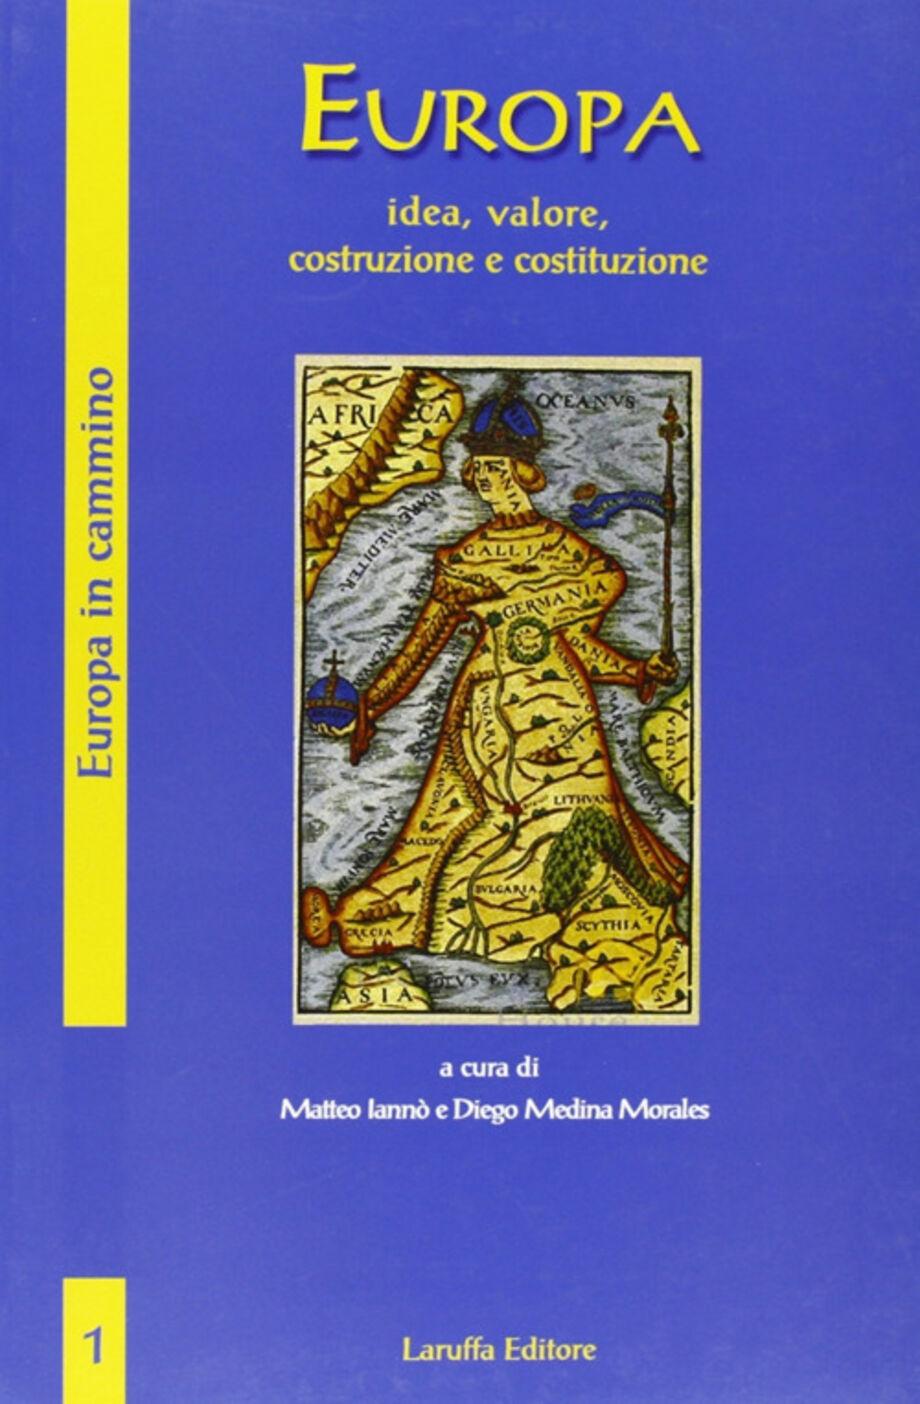 Europa. Idea, valore, costruzione e costituzione